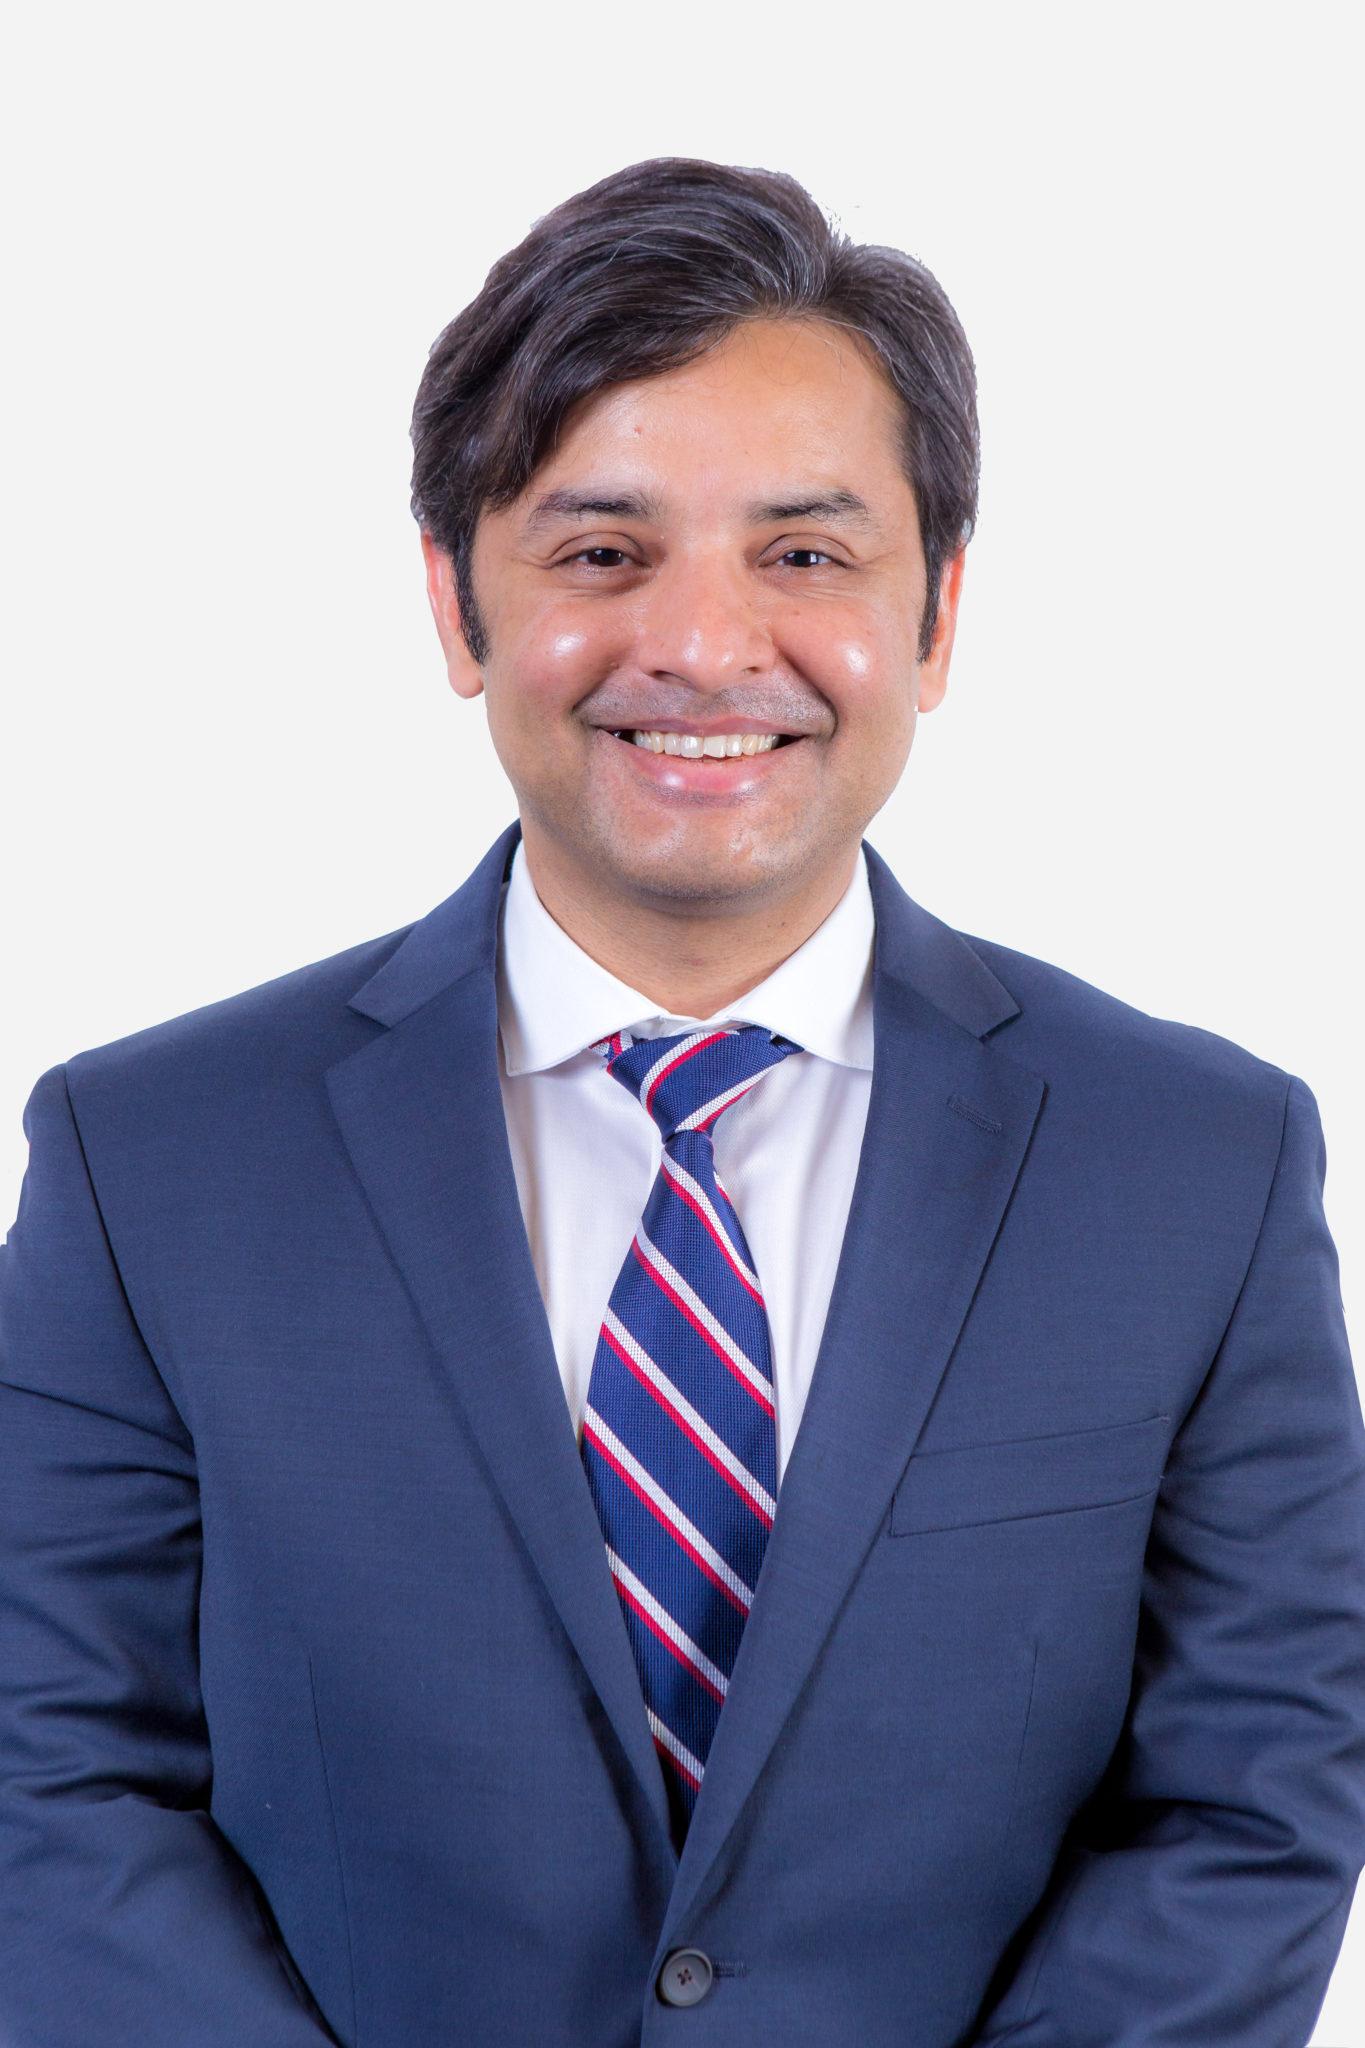 DR Akhil Chopra